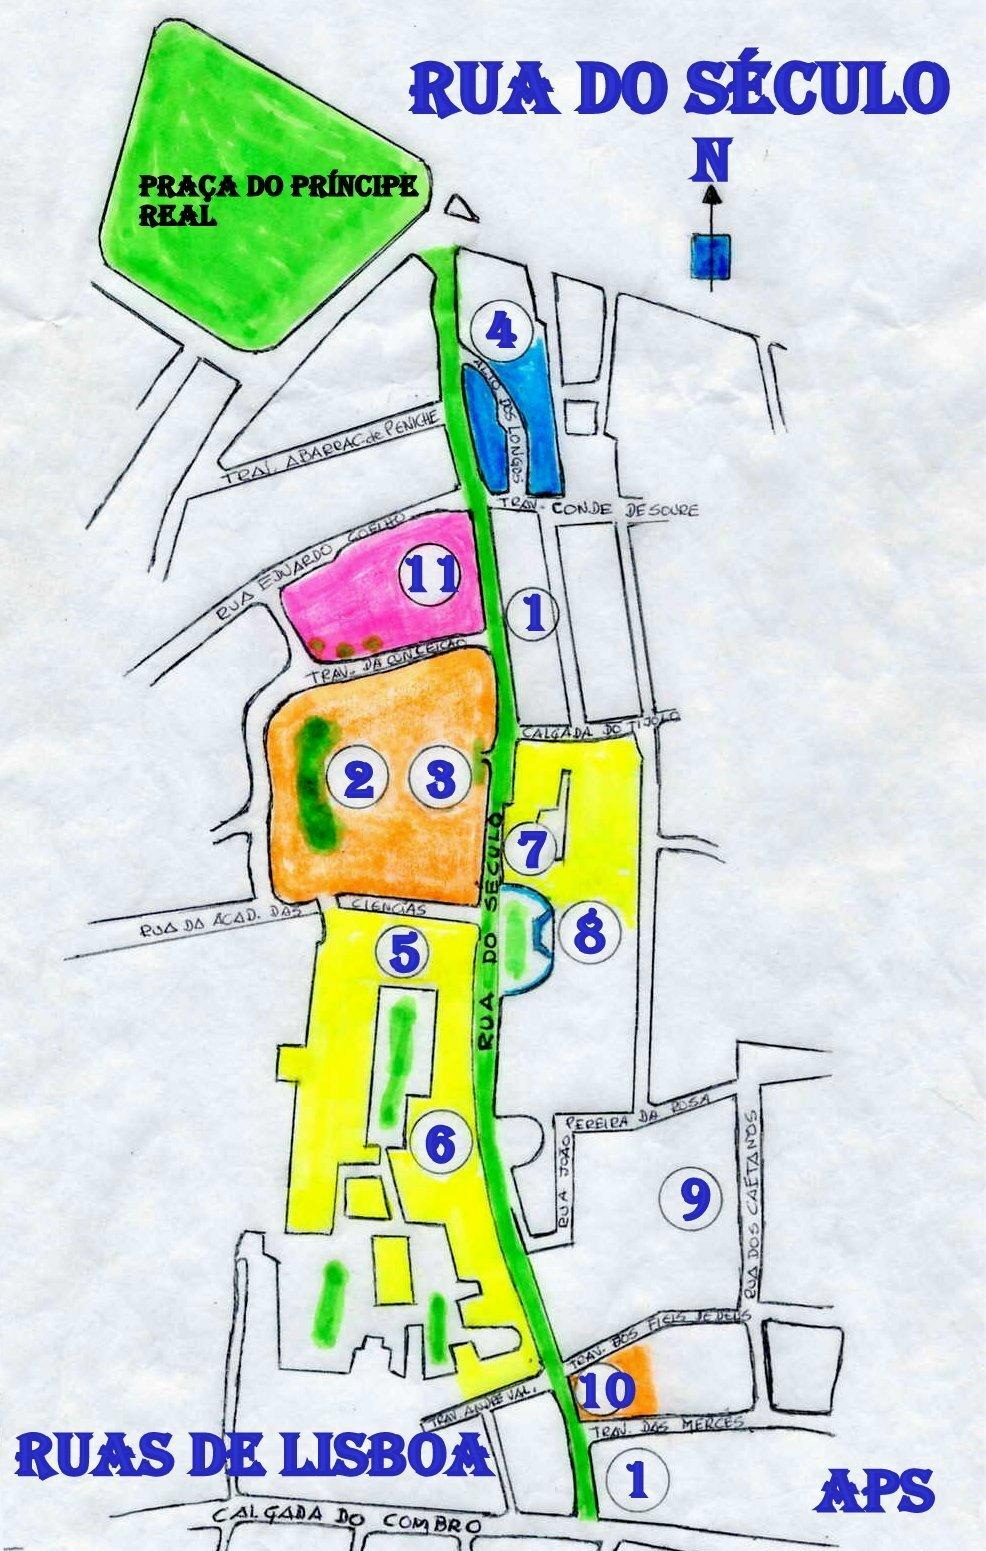 rua do século lisboa mapa RUAS DE LISBOA ALGUMA HISTÓRIA: RUA DO SÉCULO [ I ] rua do século lisboa mapa